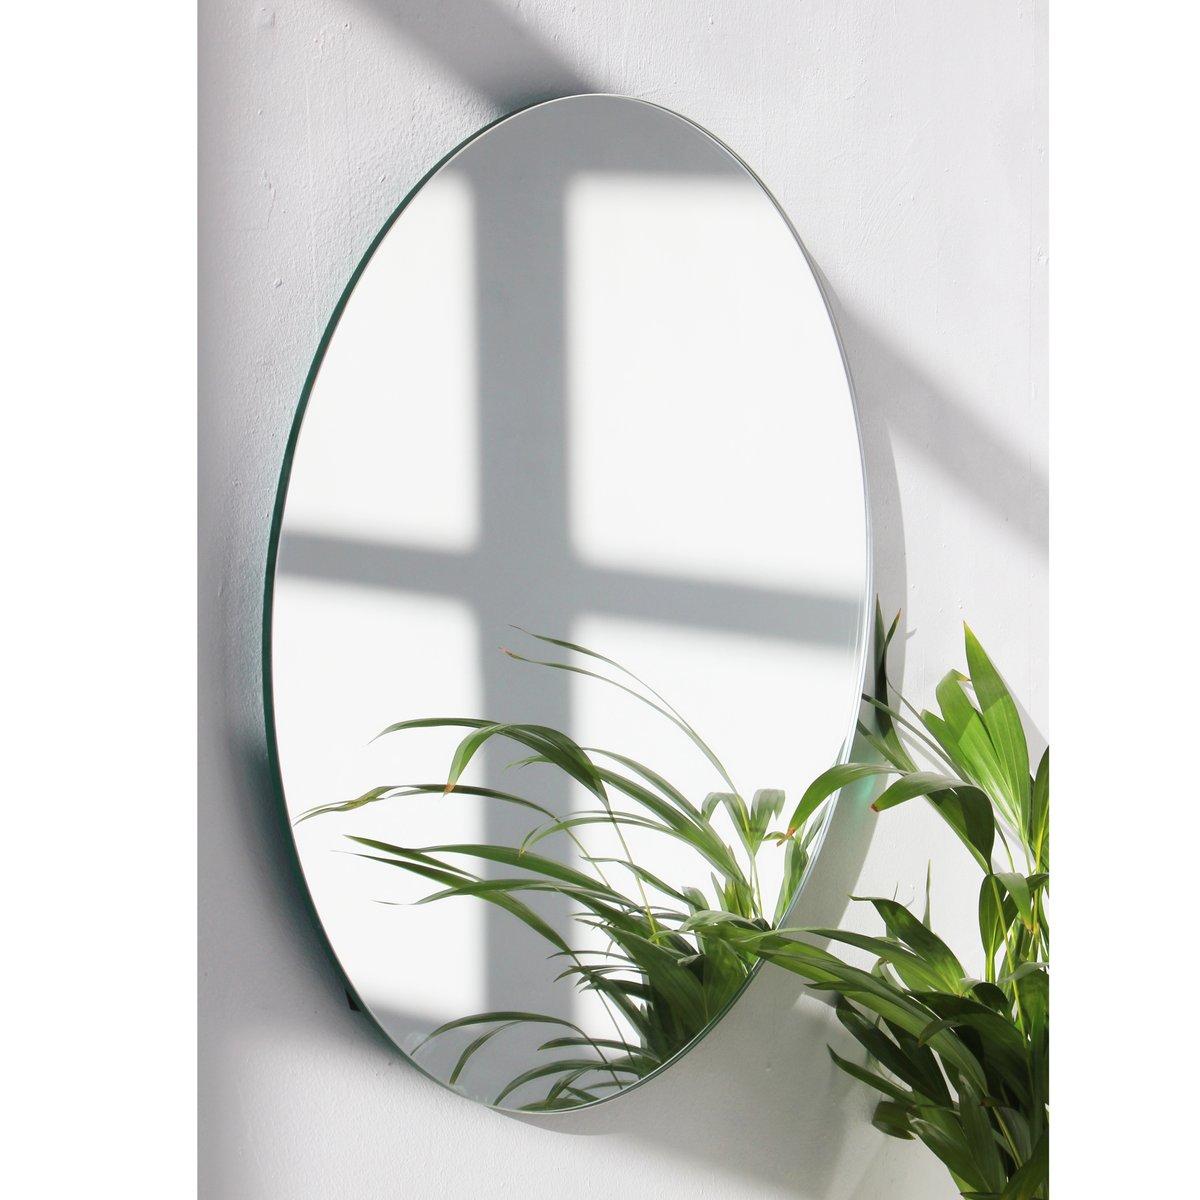 mittelgro er runder versilberter orbis spiegel ohne rahmen. Black Bedroom Furniture Sets. Home Design Ideas